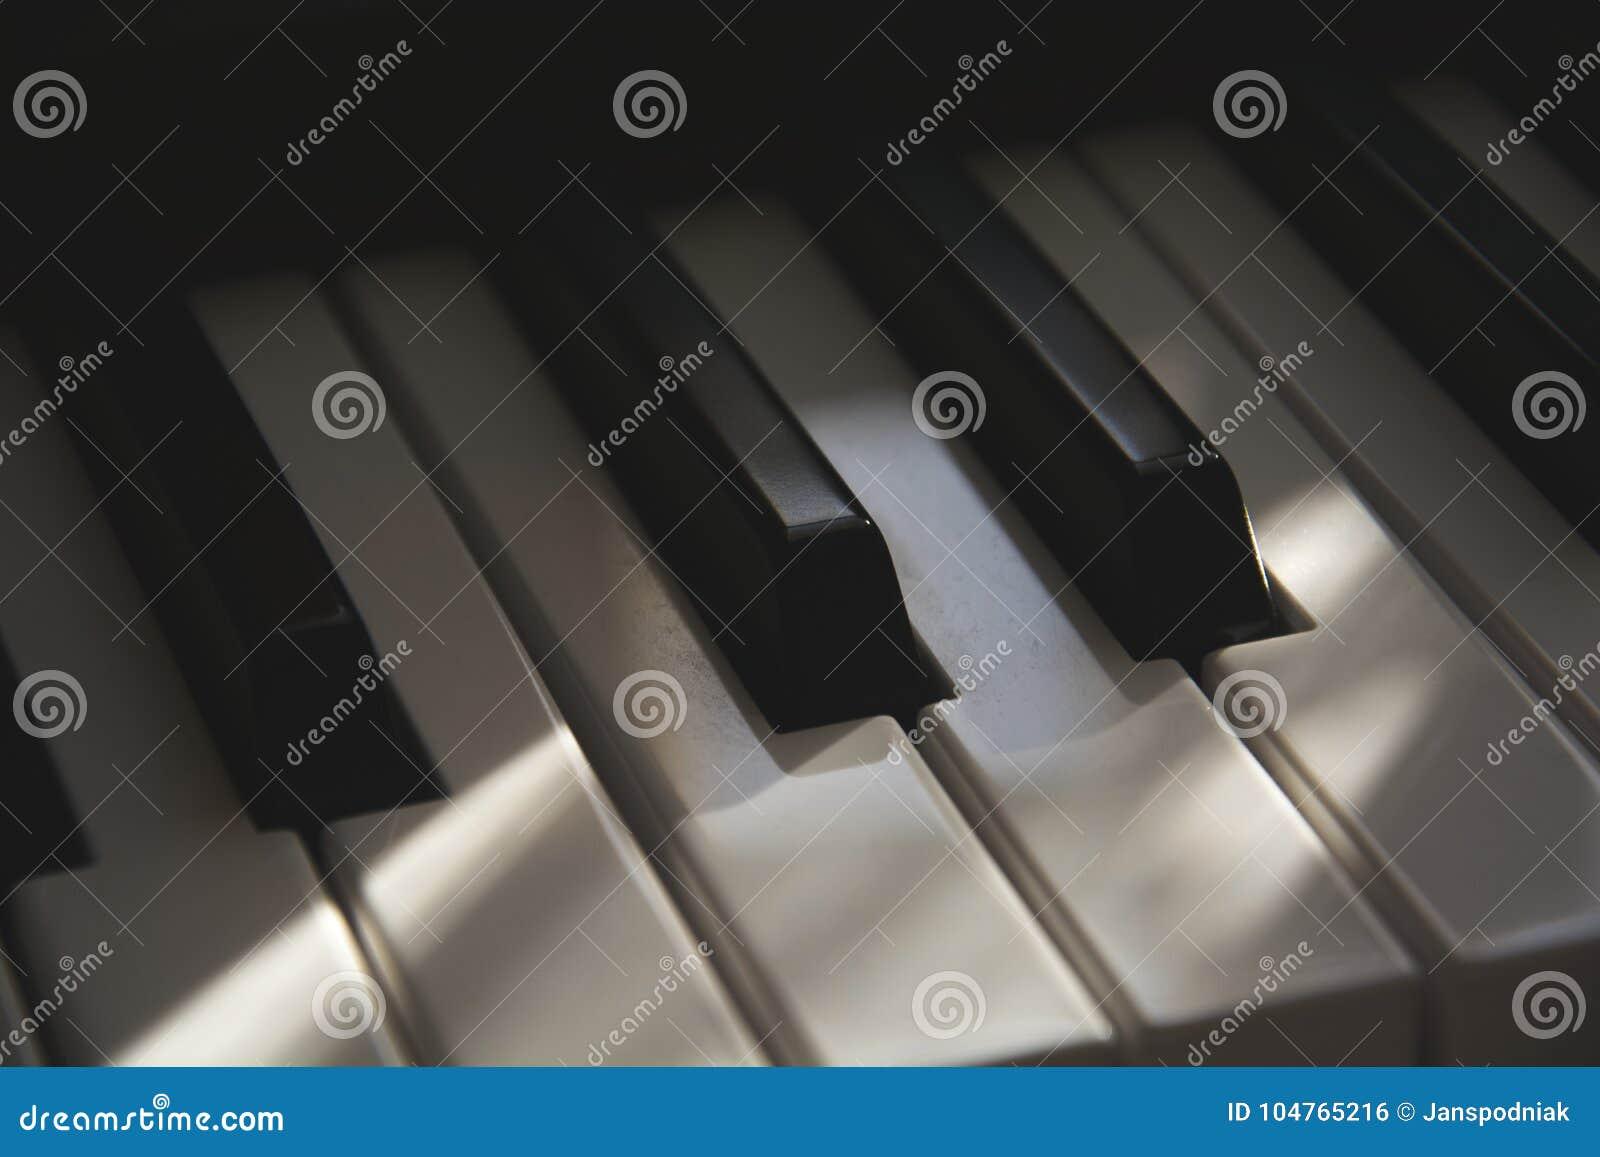 Le détail du vieux clavier de piano électronique cinématographique poussiéreux